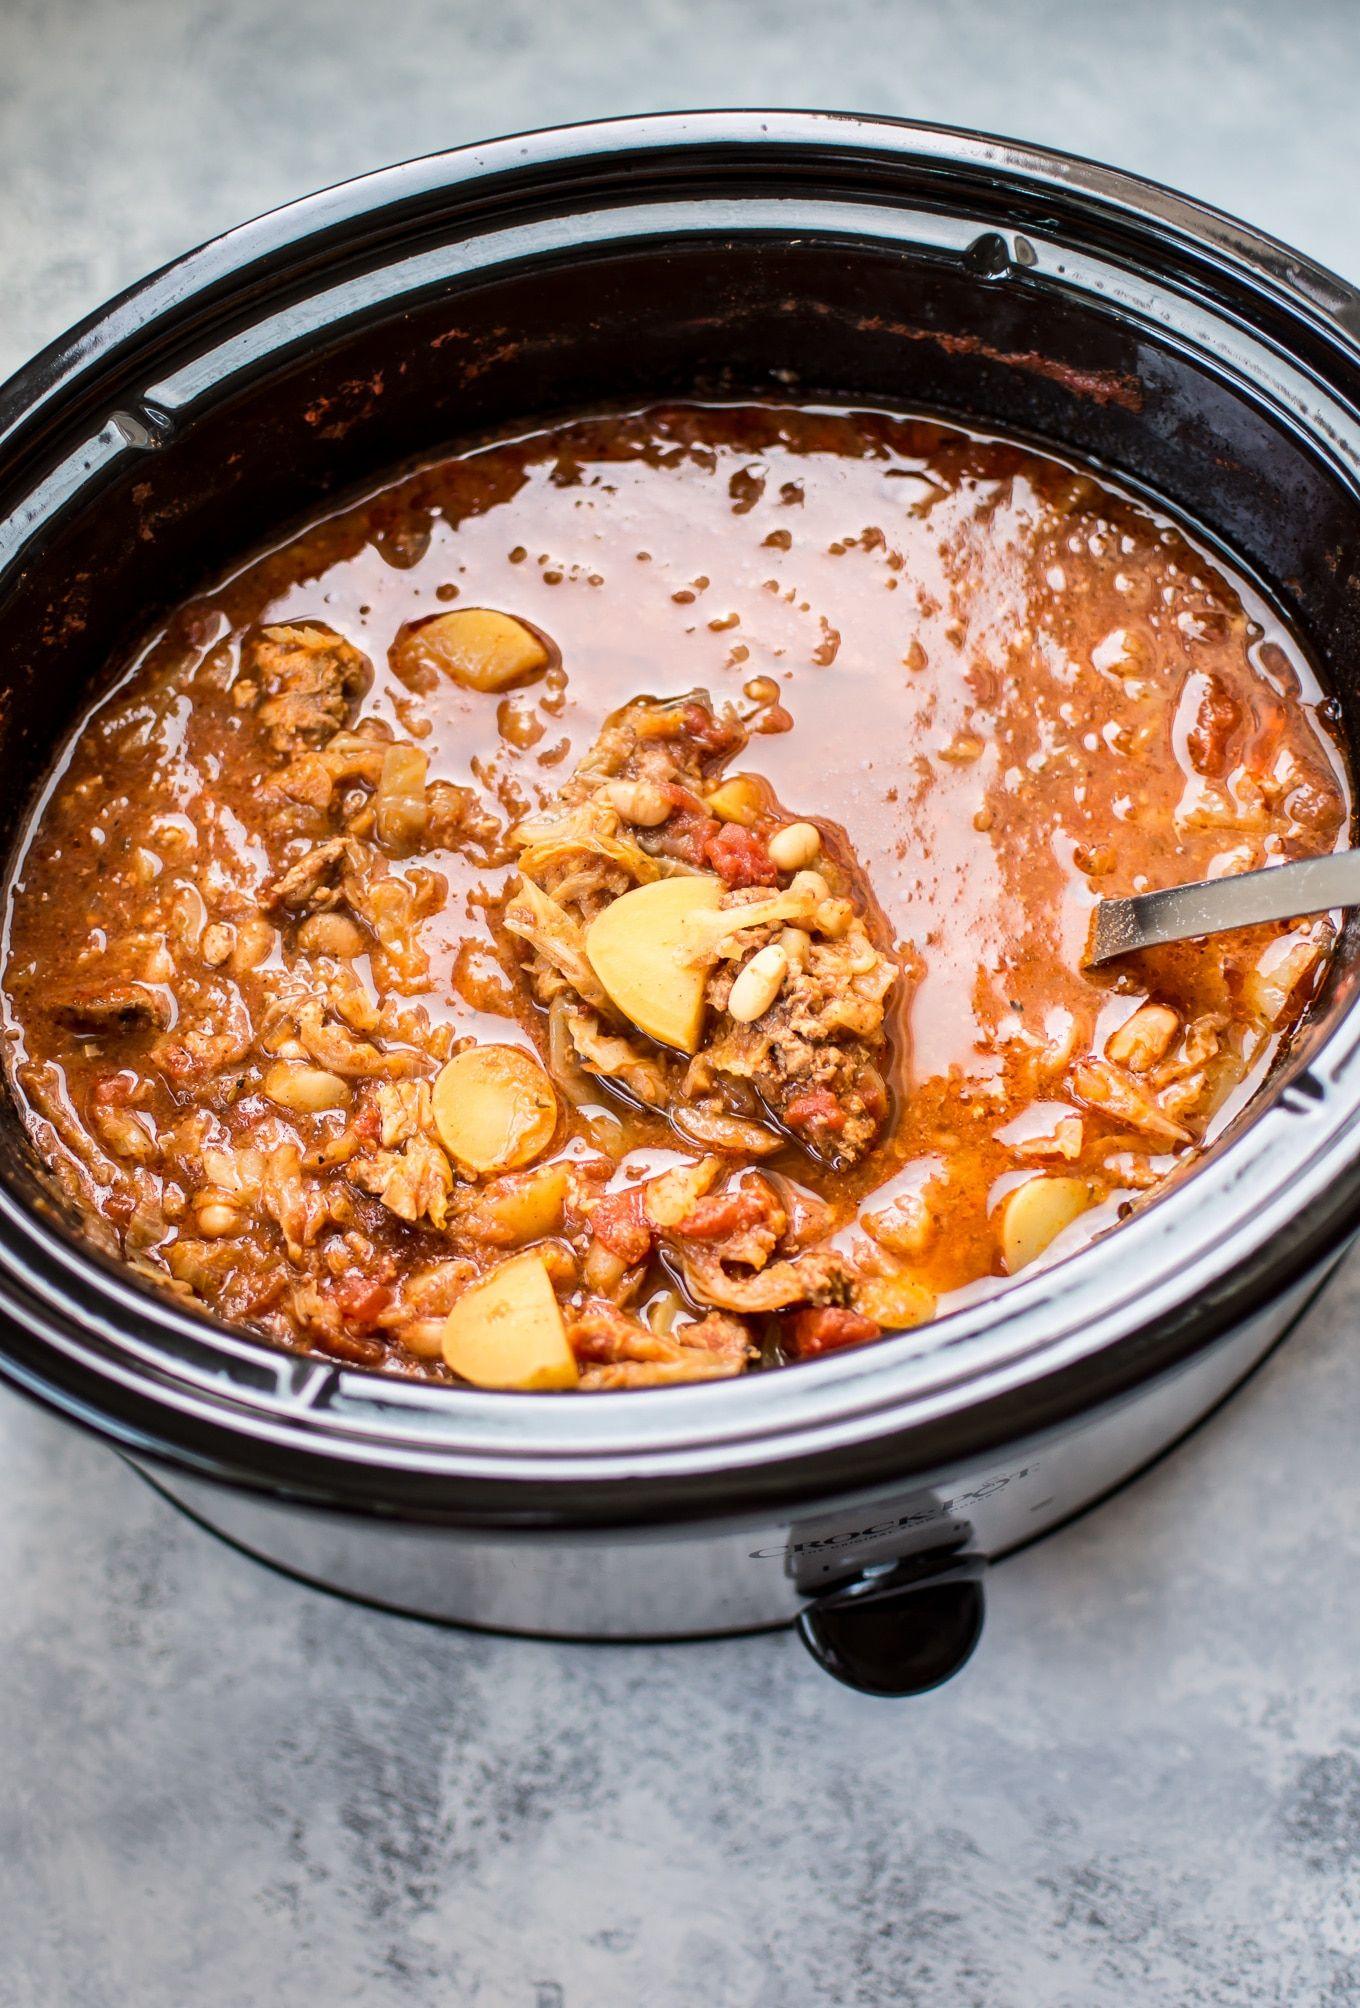 Crockpot cabbage soup recipe crockpot recipes cabbage